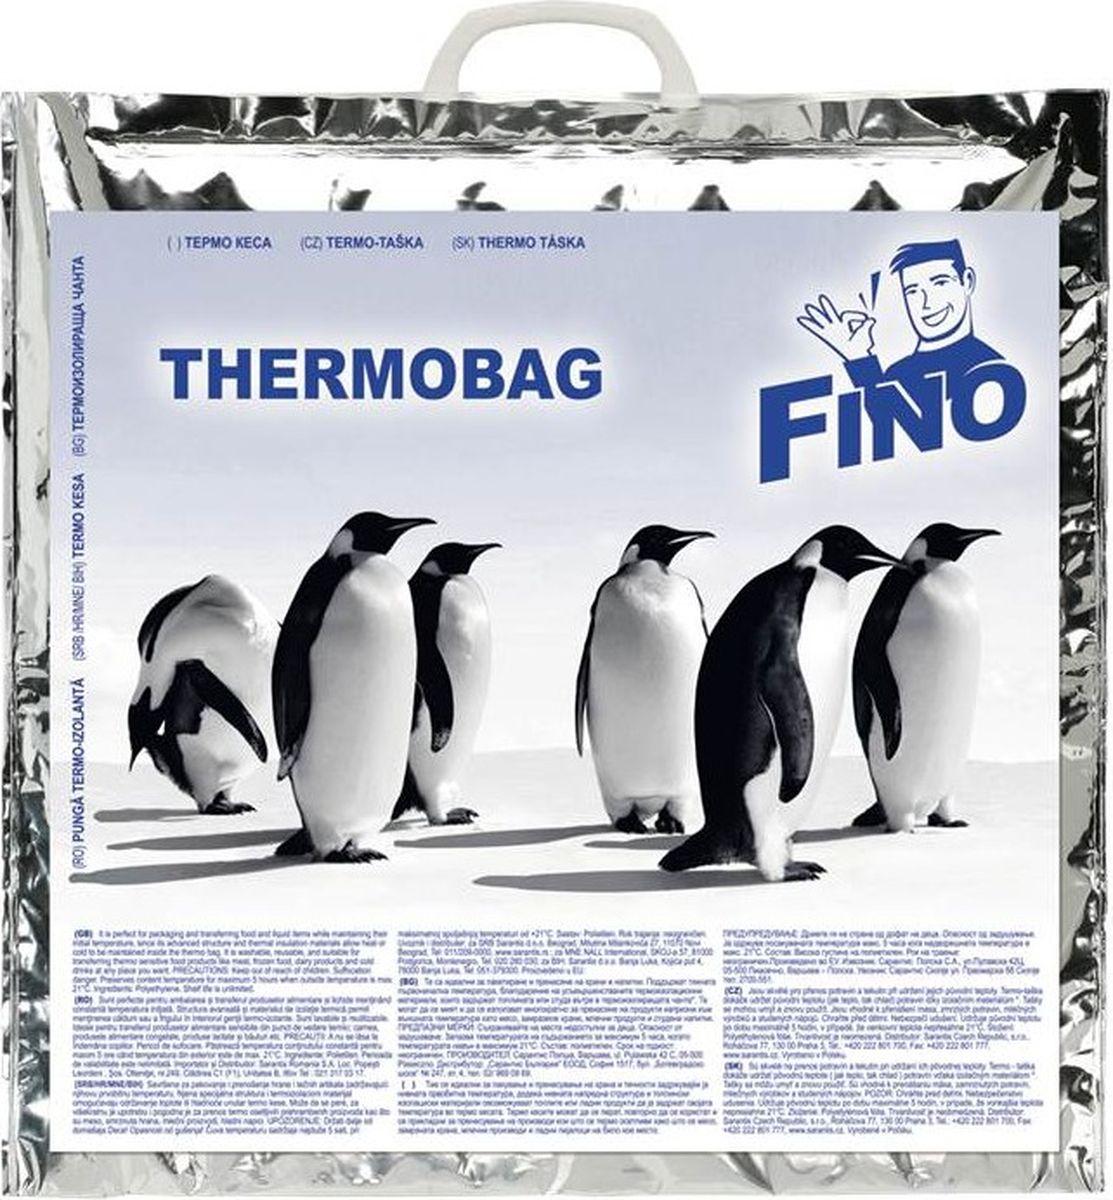 Трехслойная термо-сумка сохранит качество и свежесть продуктов - как замороженных, так и горячих. Имеет удобную ручку для транспортировки и зажим по всей длине, обеспечивая дополнительную защиту терморежима.